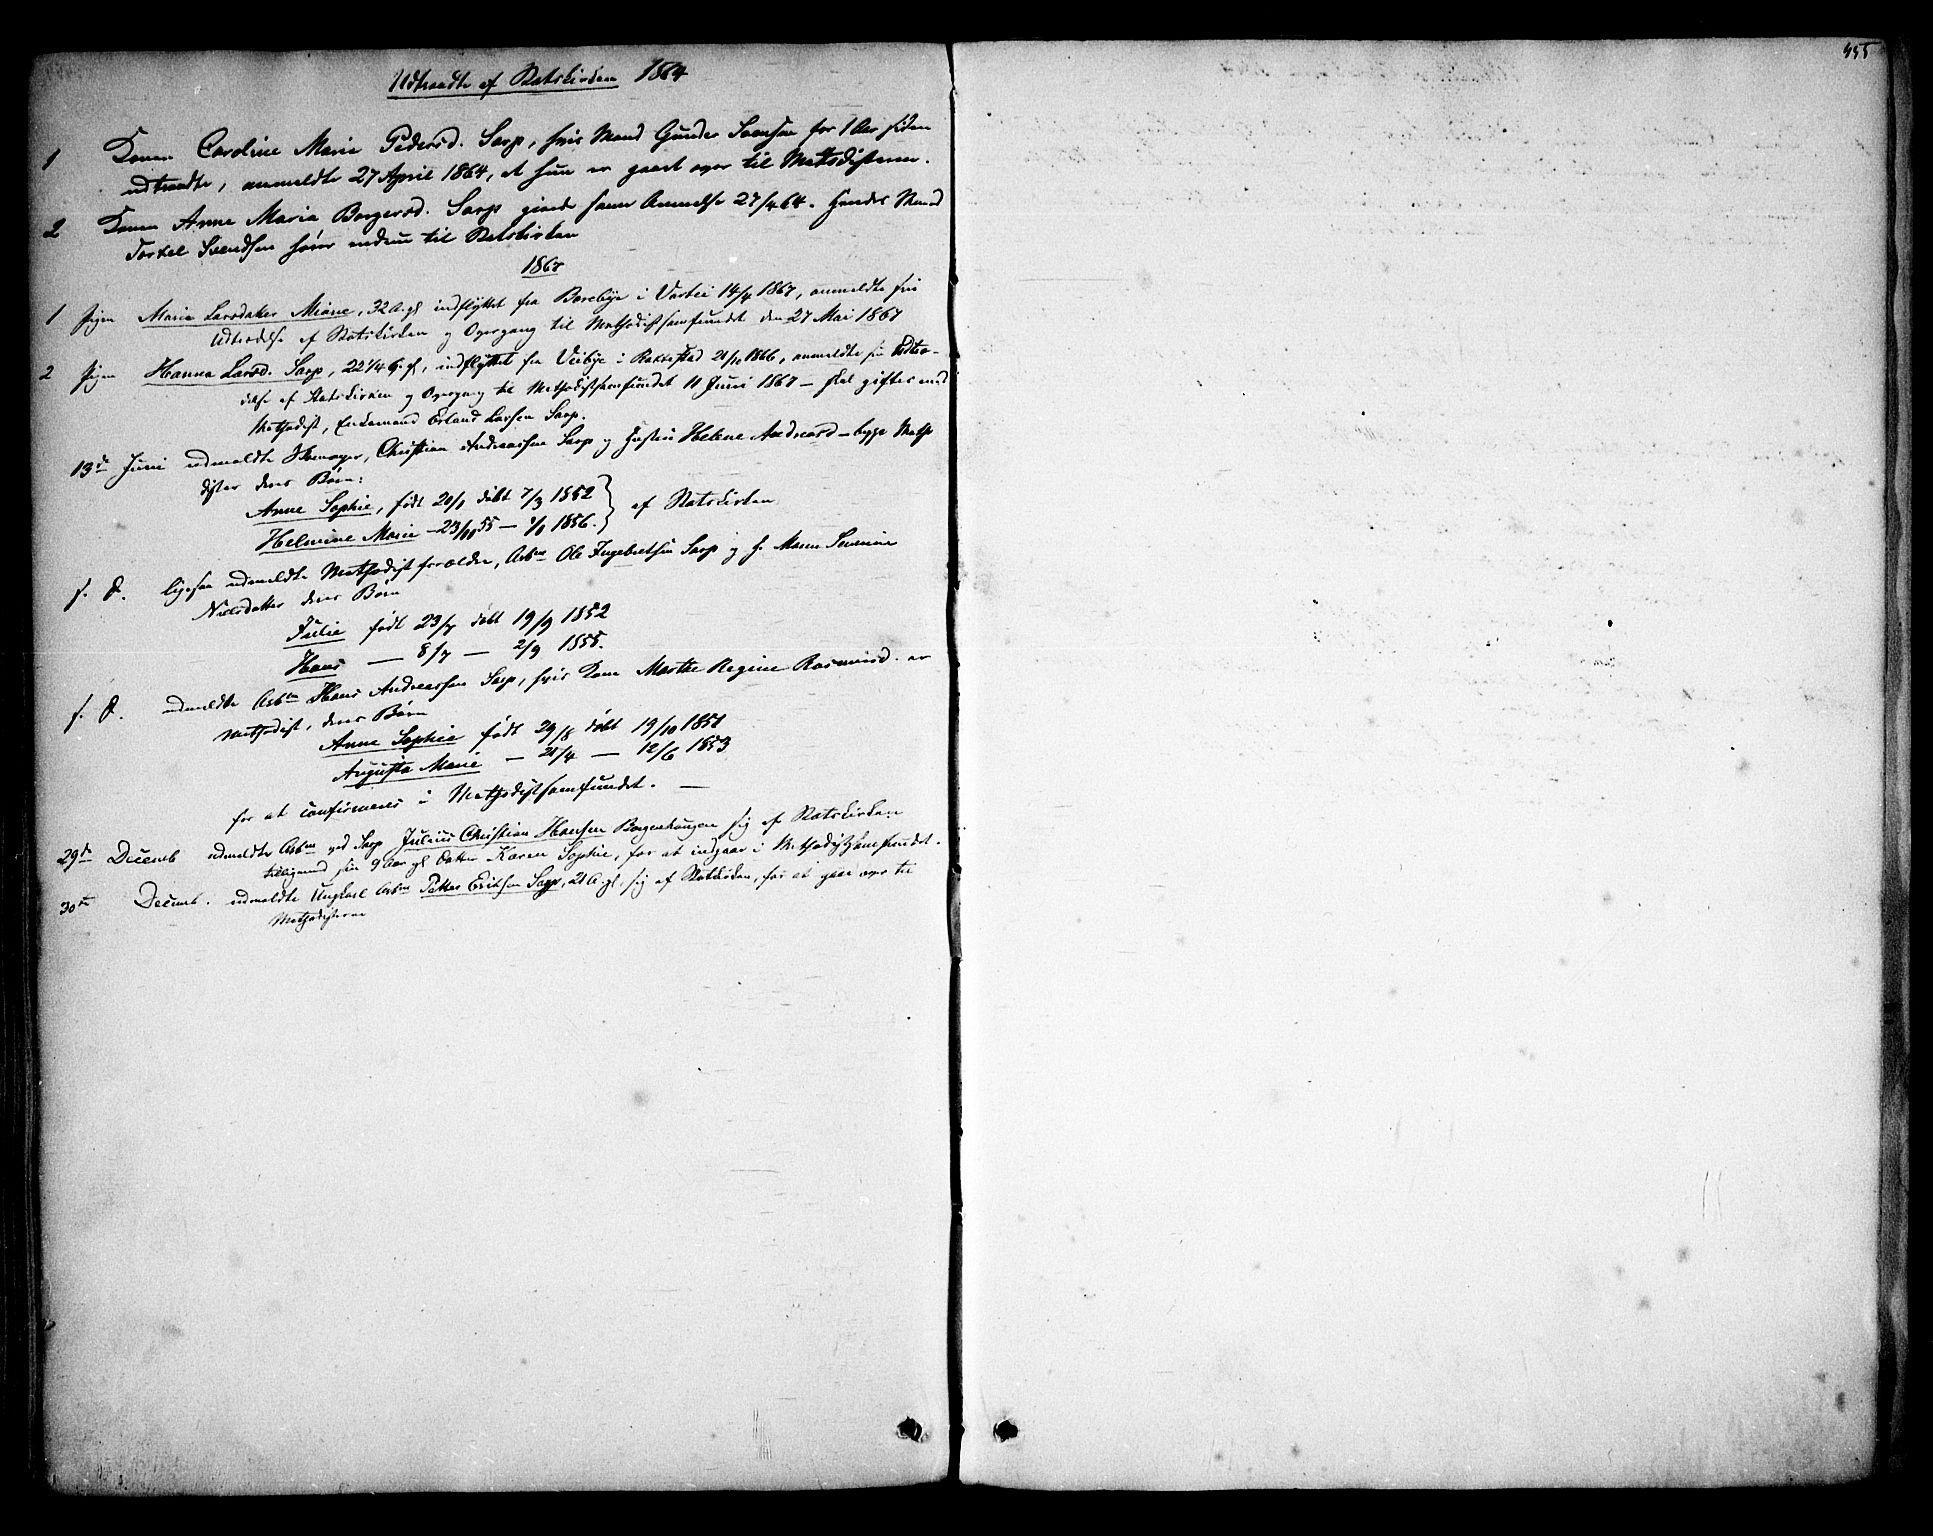 SAO, Skjeberg prestekontor Kirkebøker, F/Fa/L0007: Ministerialbok nr. I 7, 1859-1868, s. 455